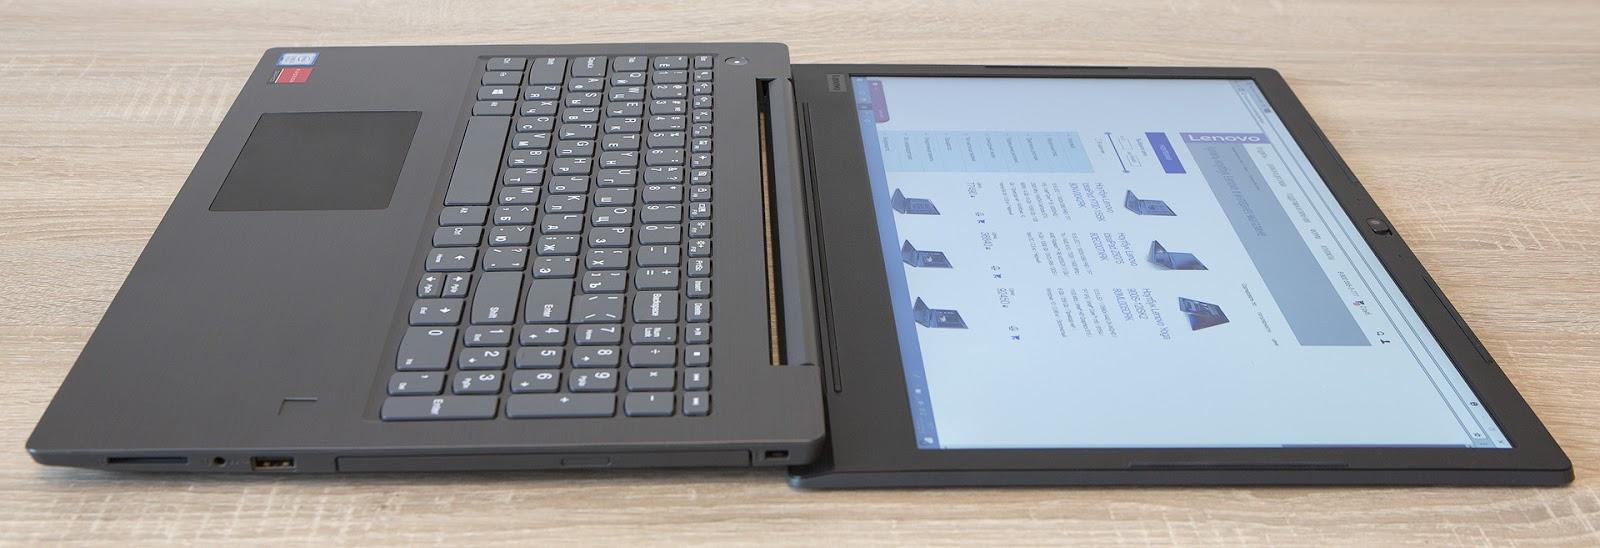 Обзор ноутбука Lenovo V330-15: надёжный офисный трудяга - 15